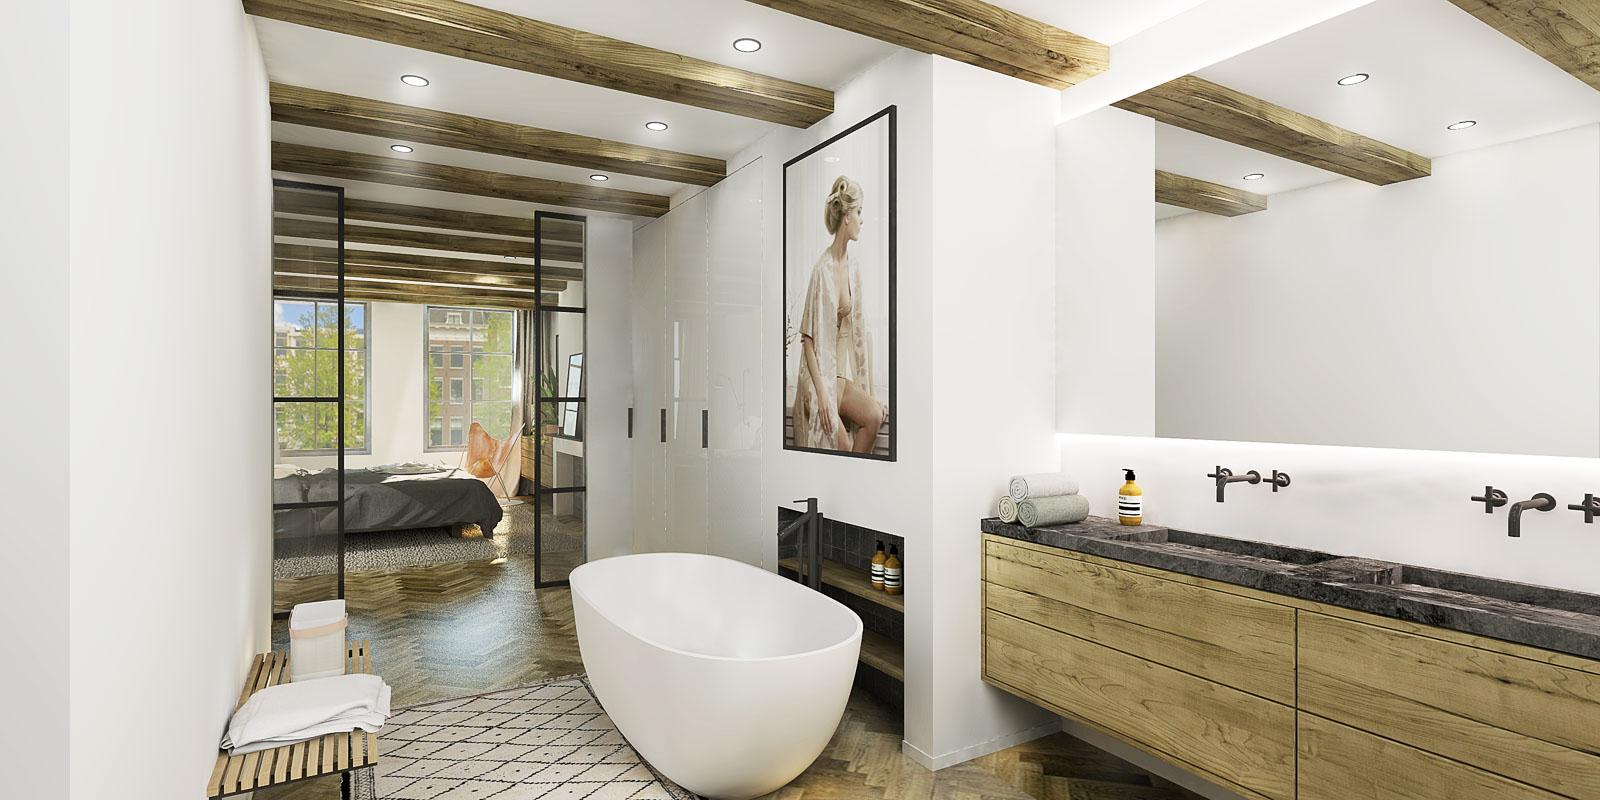 Global style slaapkamer badkamer combinatie | Slaapkamer ideeën